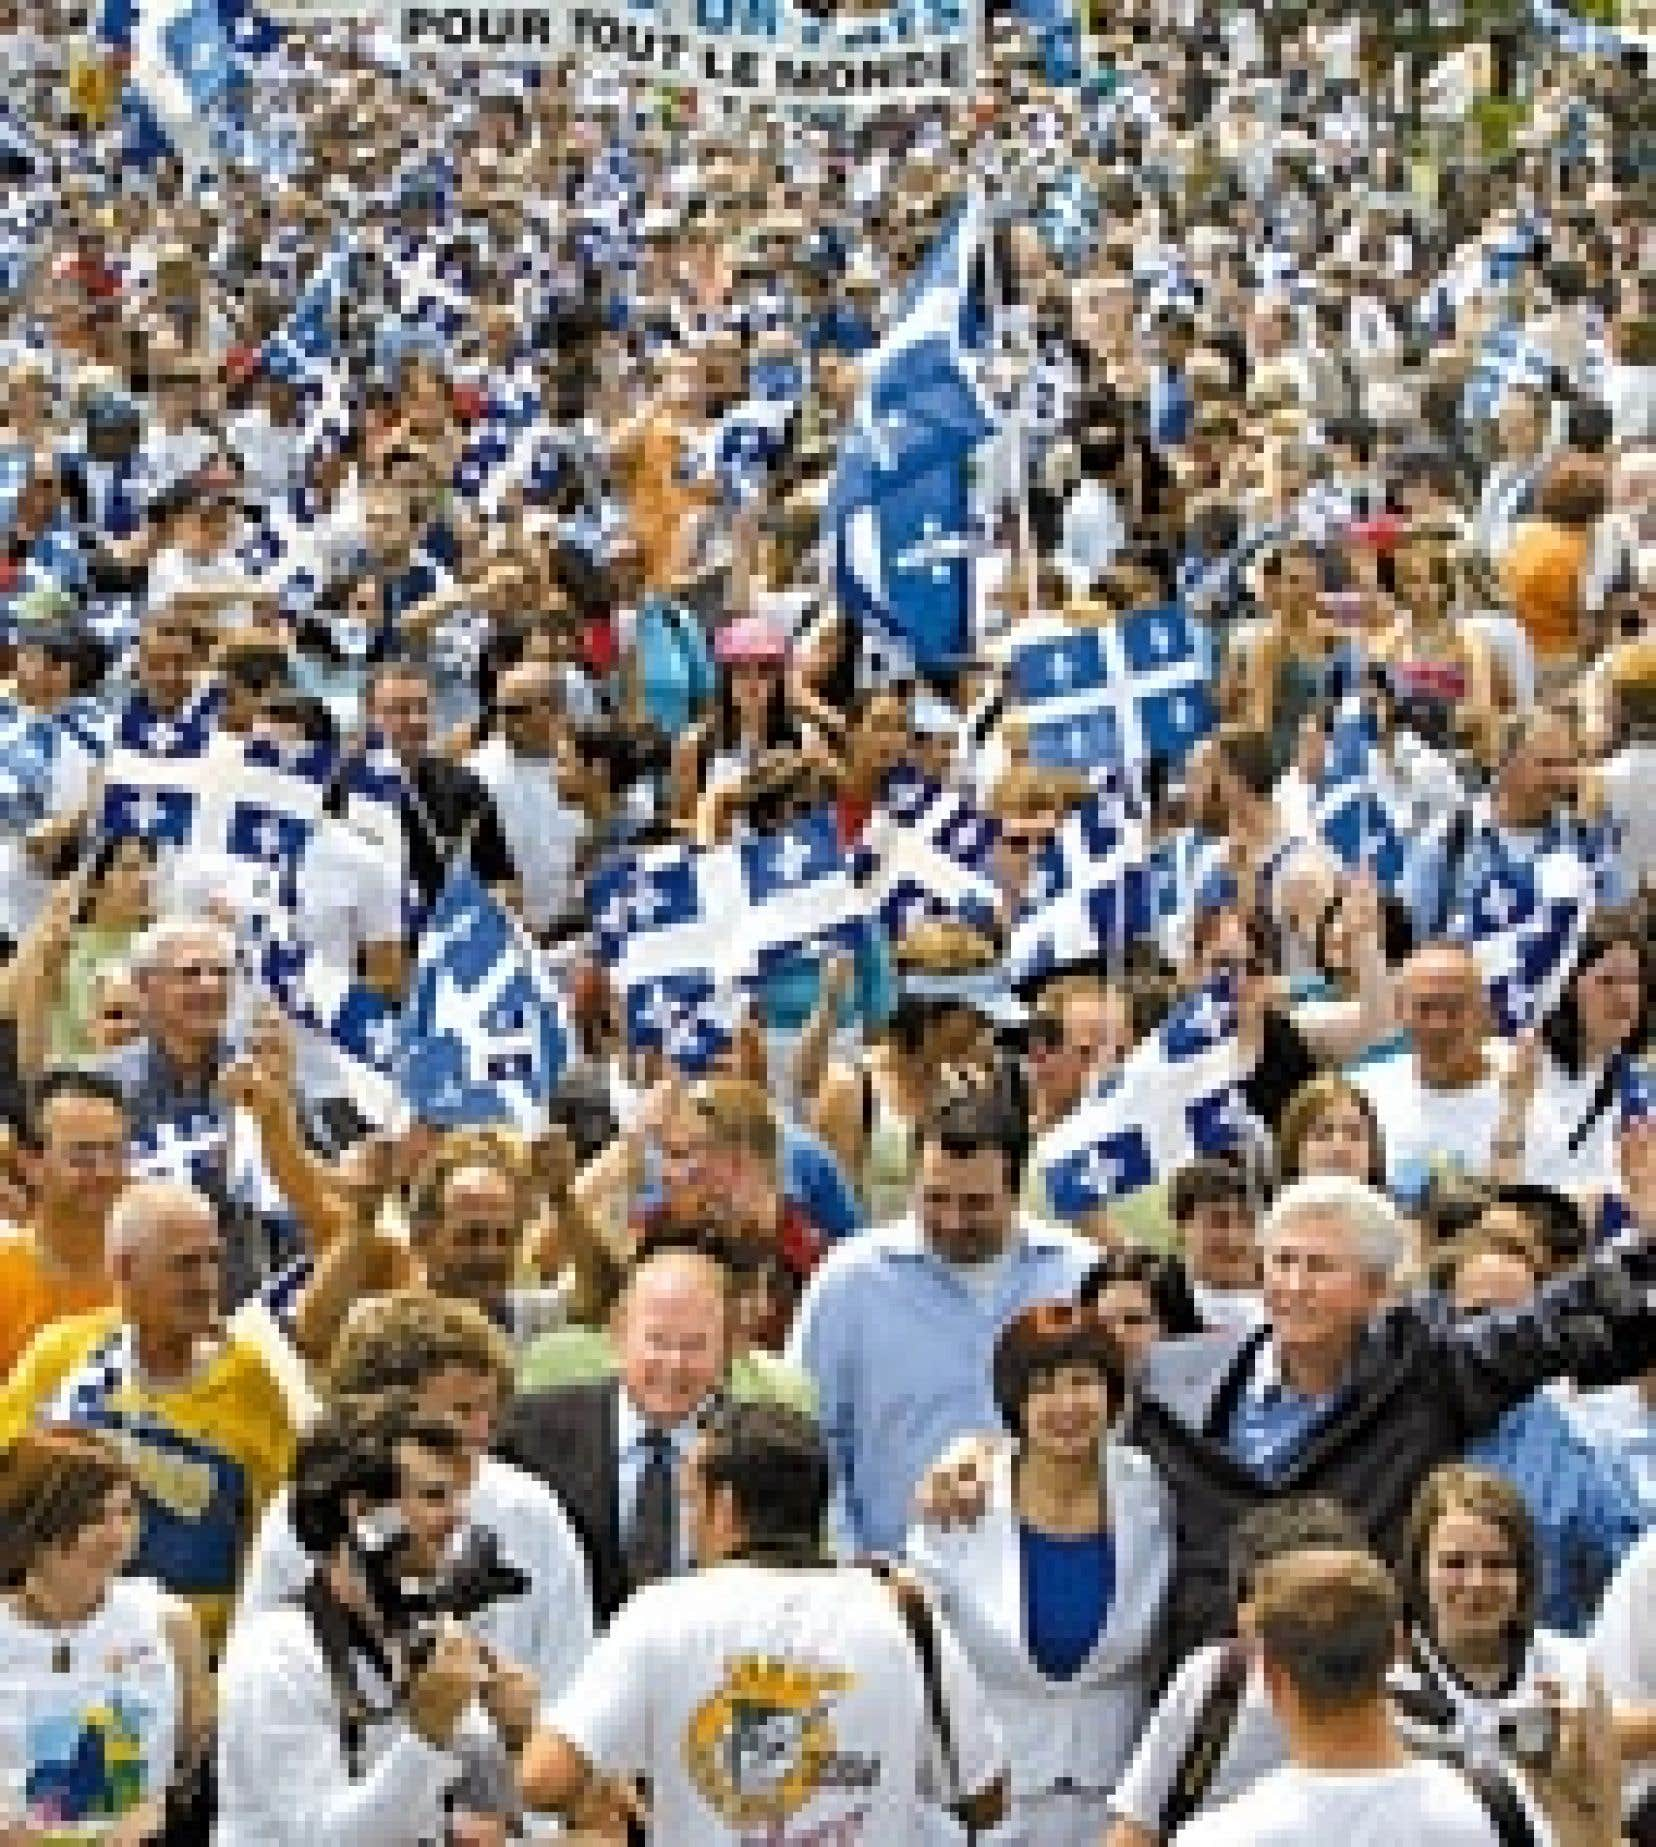 Participation nombreuse hier au défilé de la Fête nationale dans le Vieux-Montréal, où sont allés parader Bernard Landry, Gilles Duceppe et l'ensemble des candidats à la direction du PQ.